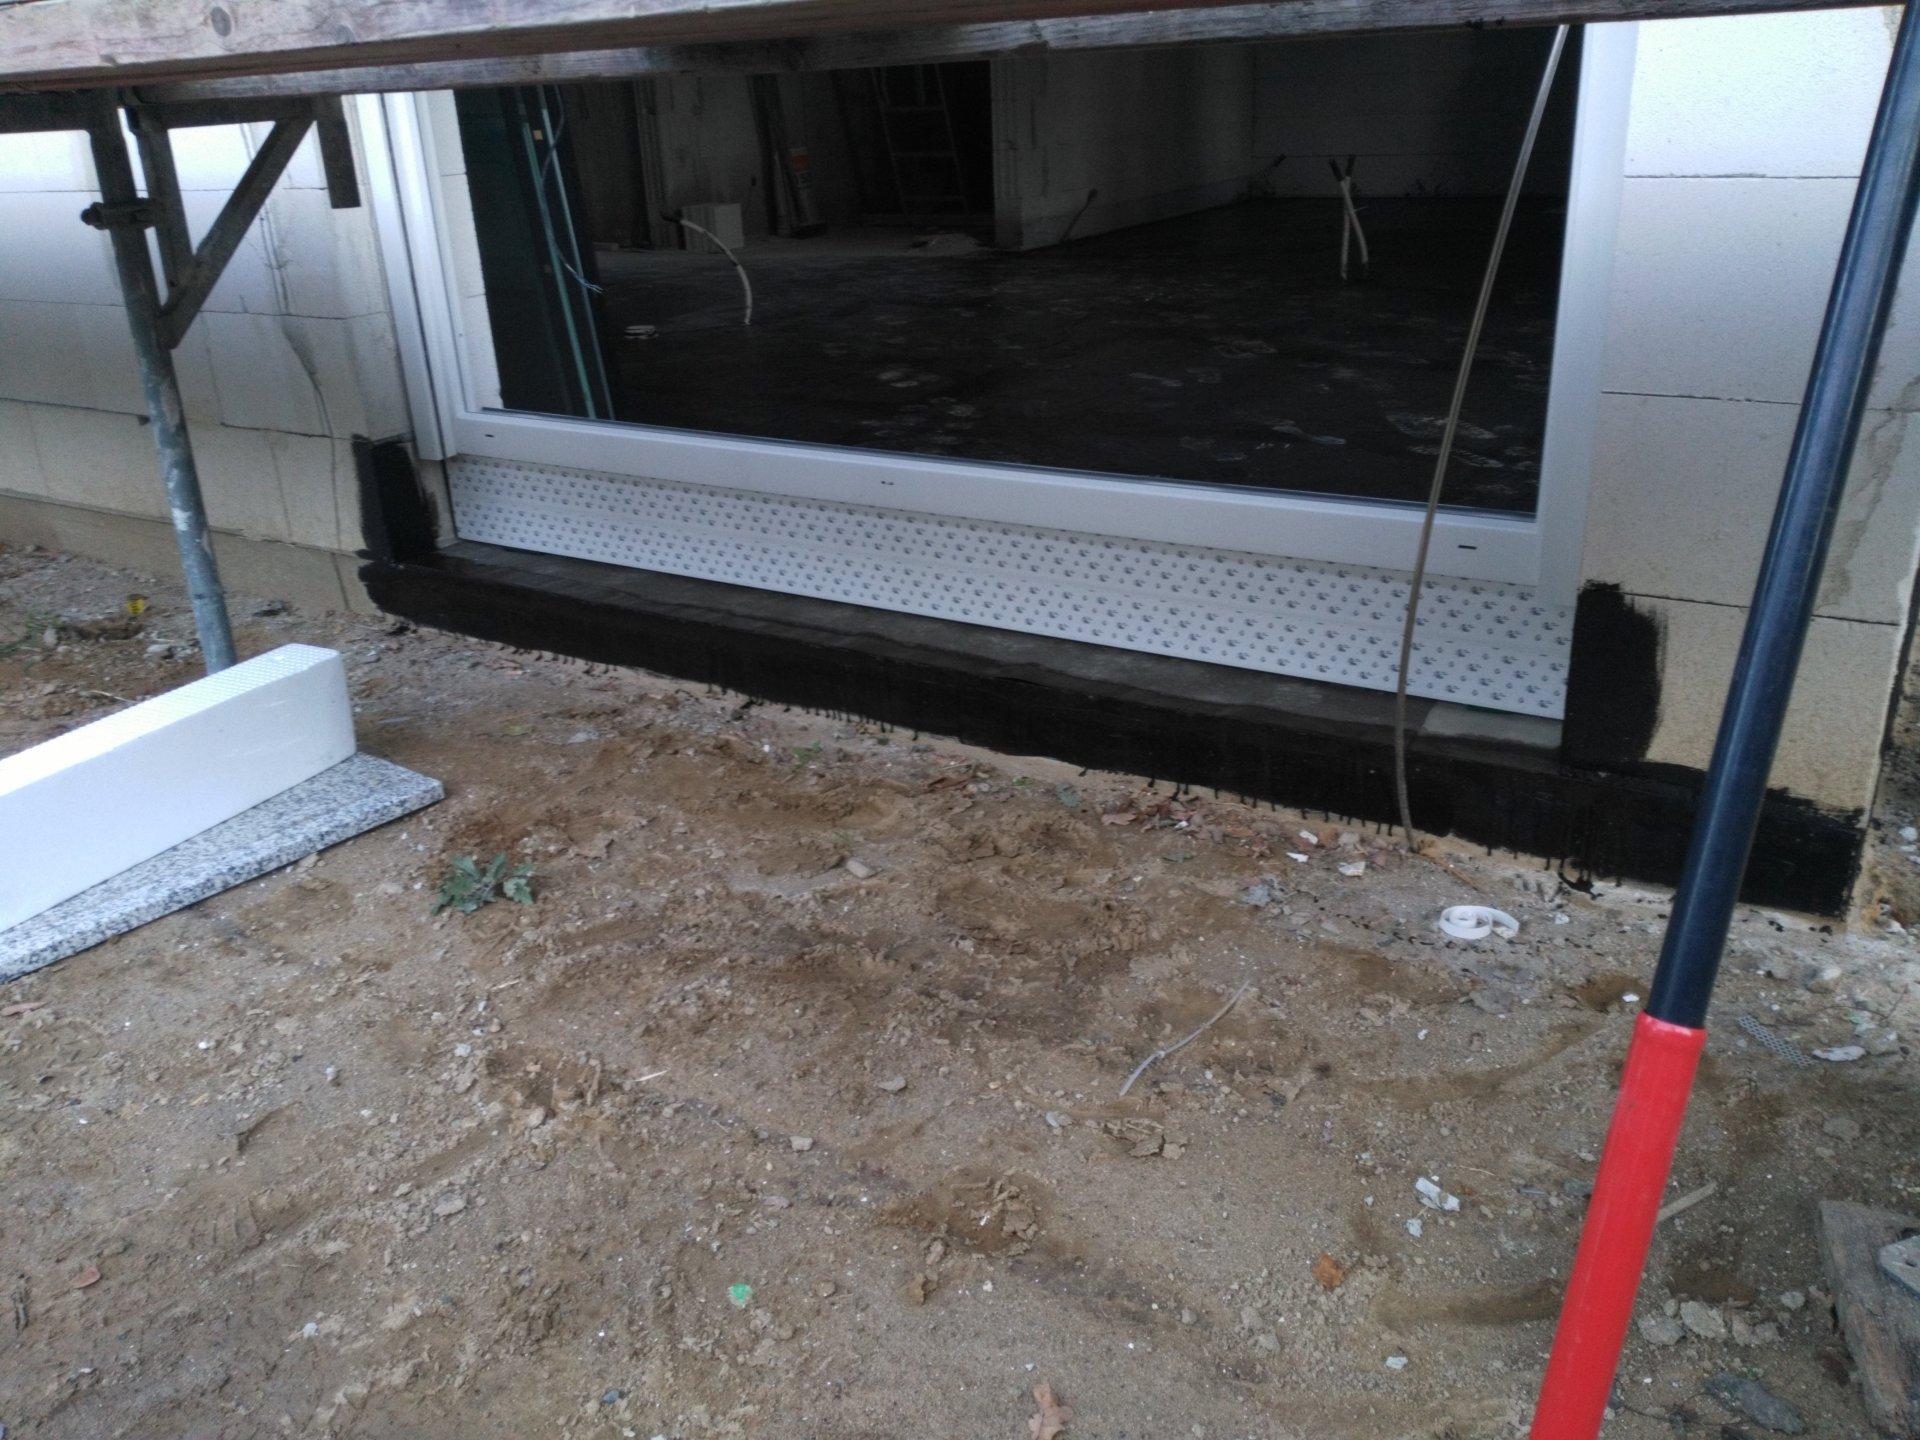 Häufig Anschluss Abdichtung bodentiefes Fenster QQ75